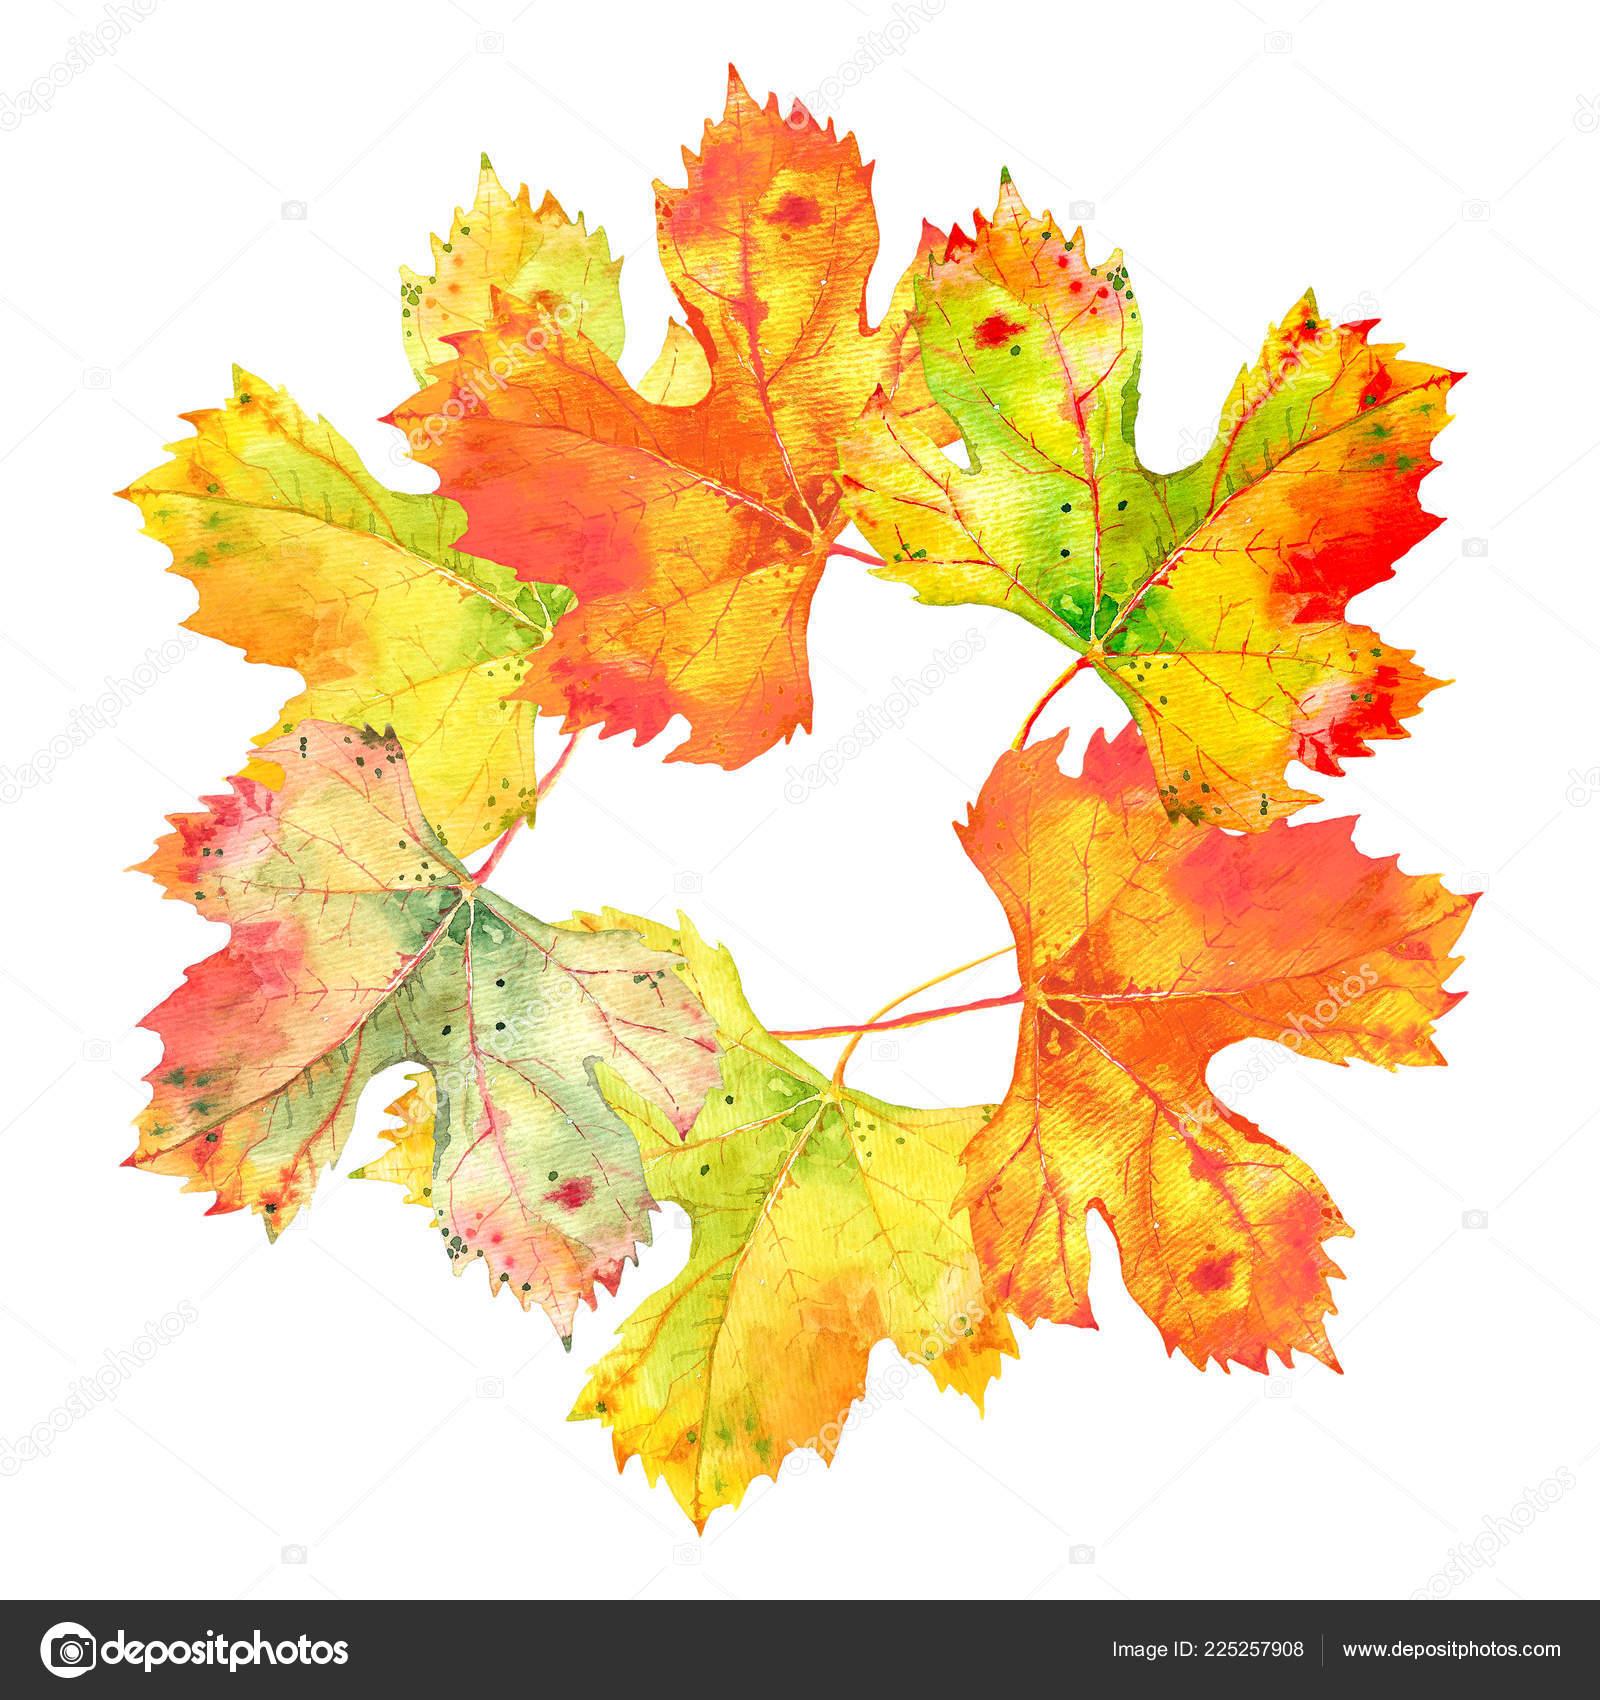 Pozadi S Podzimni Zlate Oranzove Hroznu Vinne Listy Sada Izolovane